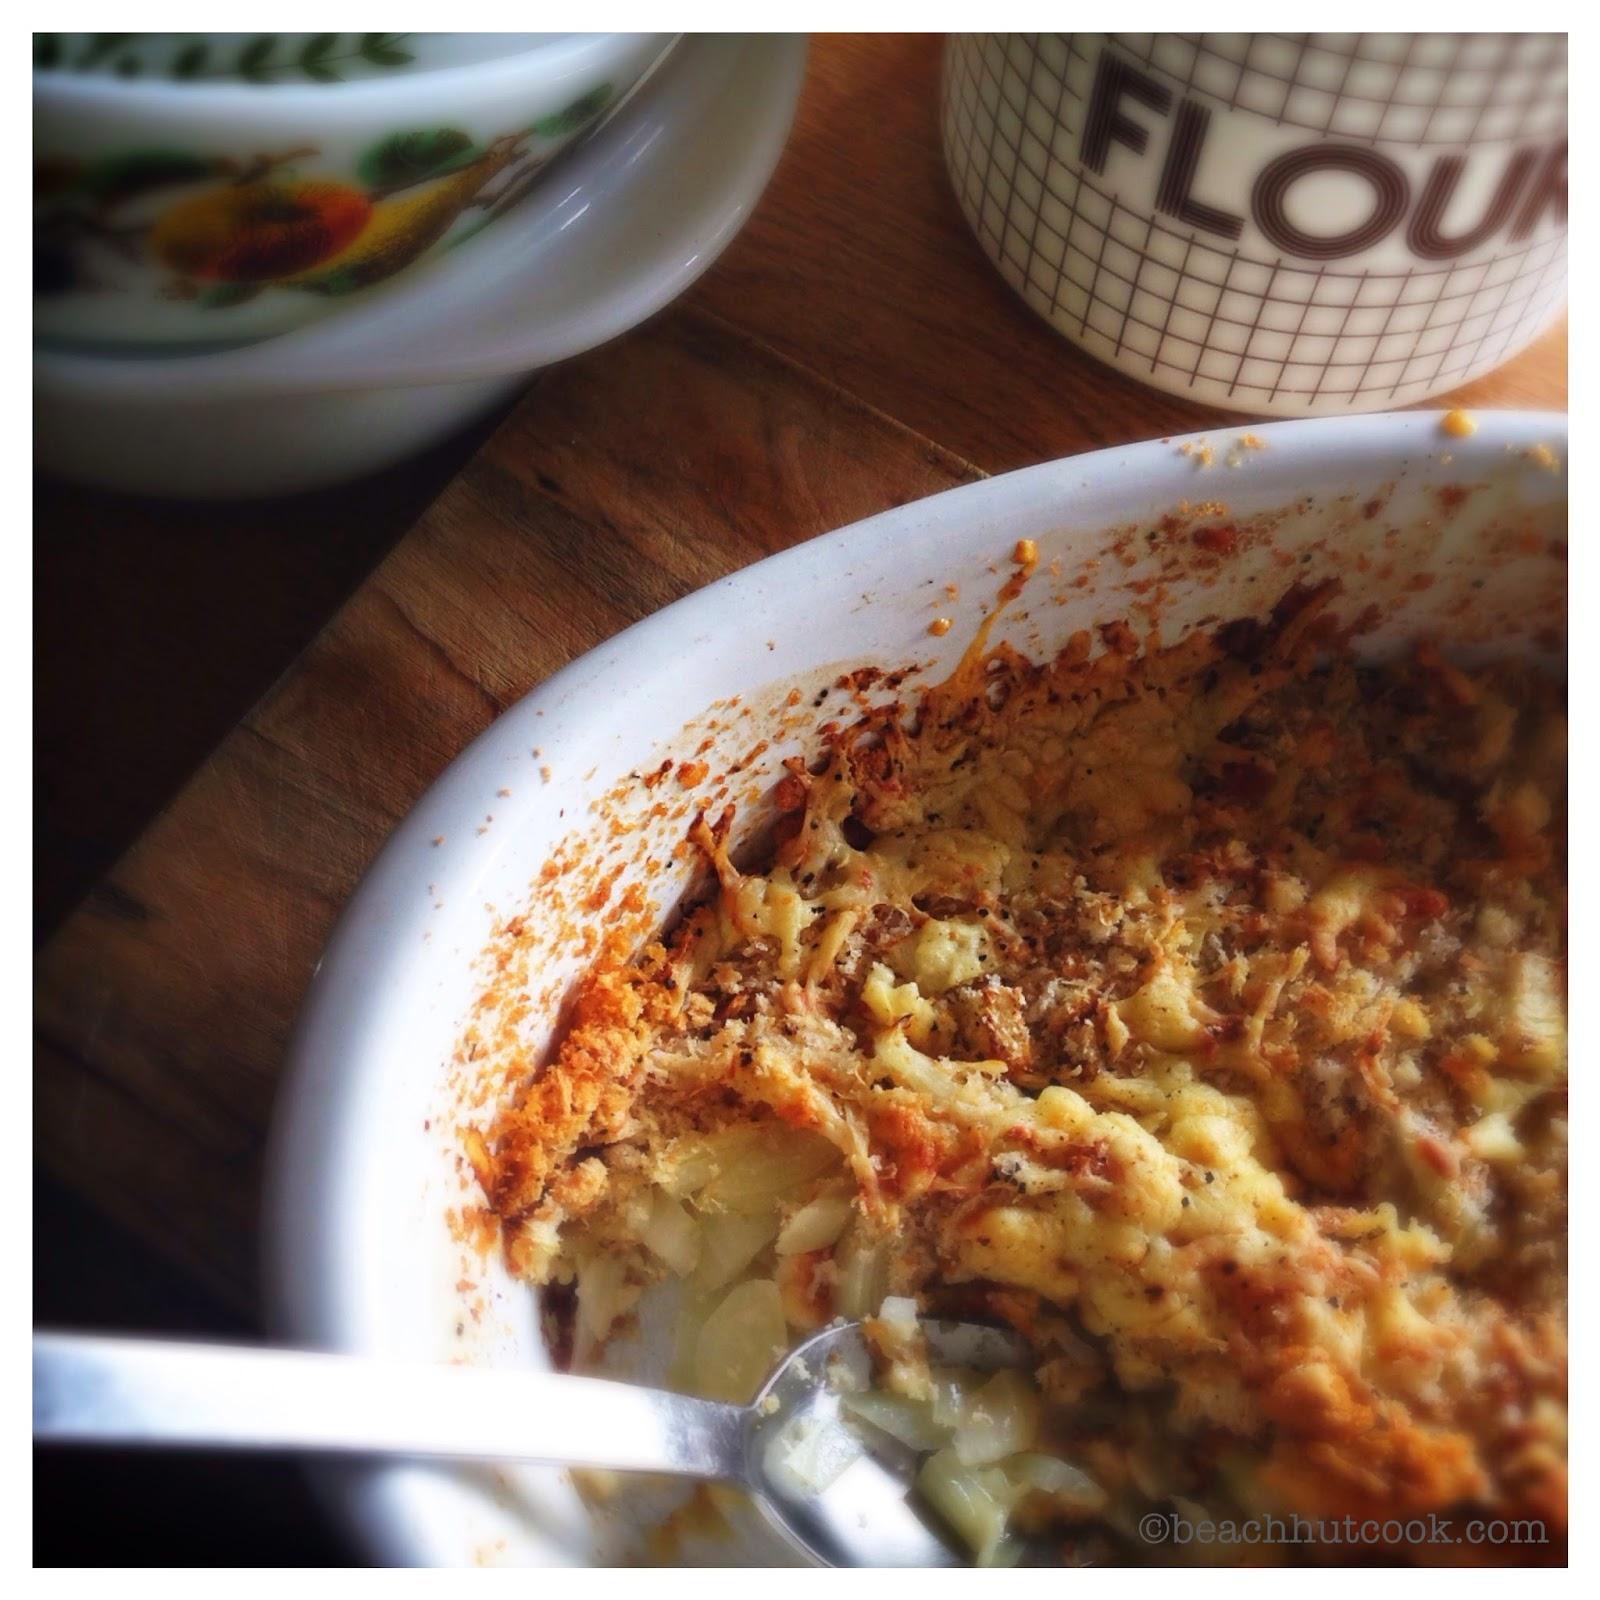 Beachhutcook's Onion au Gratin. Less is More. Cheap Eats